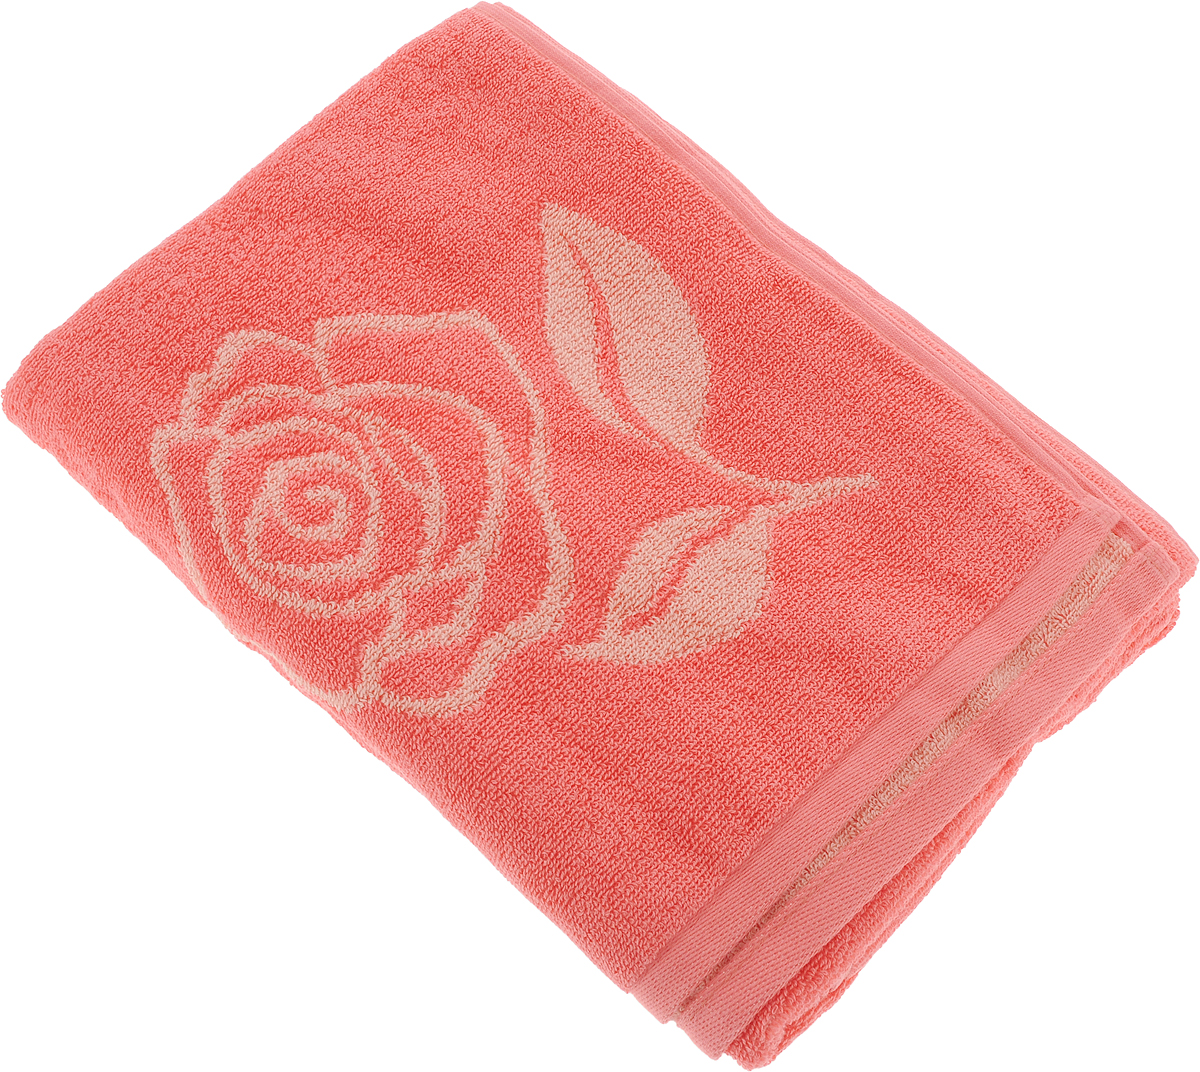 Полотенце банное Aquarelle Розы 1, цвет: розово-персиковый, коралловый, 70 х 140 см710447Полотенце банное AQUARELLE, размер 70х140см, серия-Розы 1, розово-персиковый, коралл